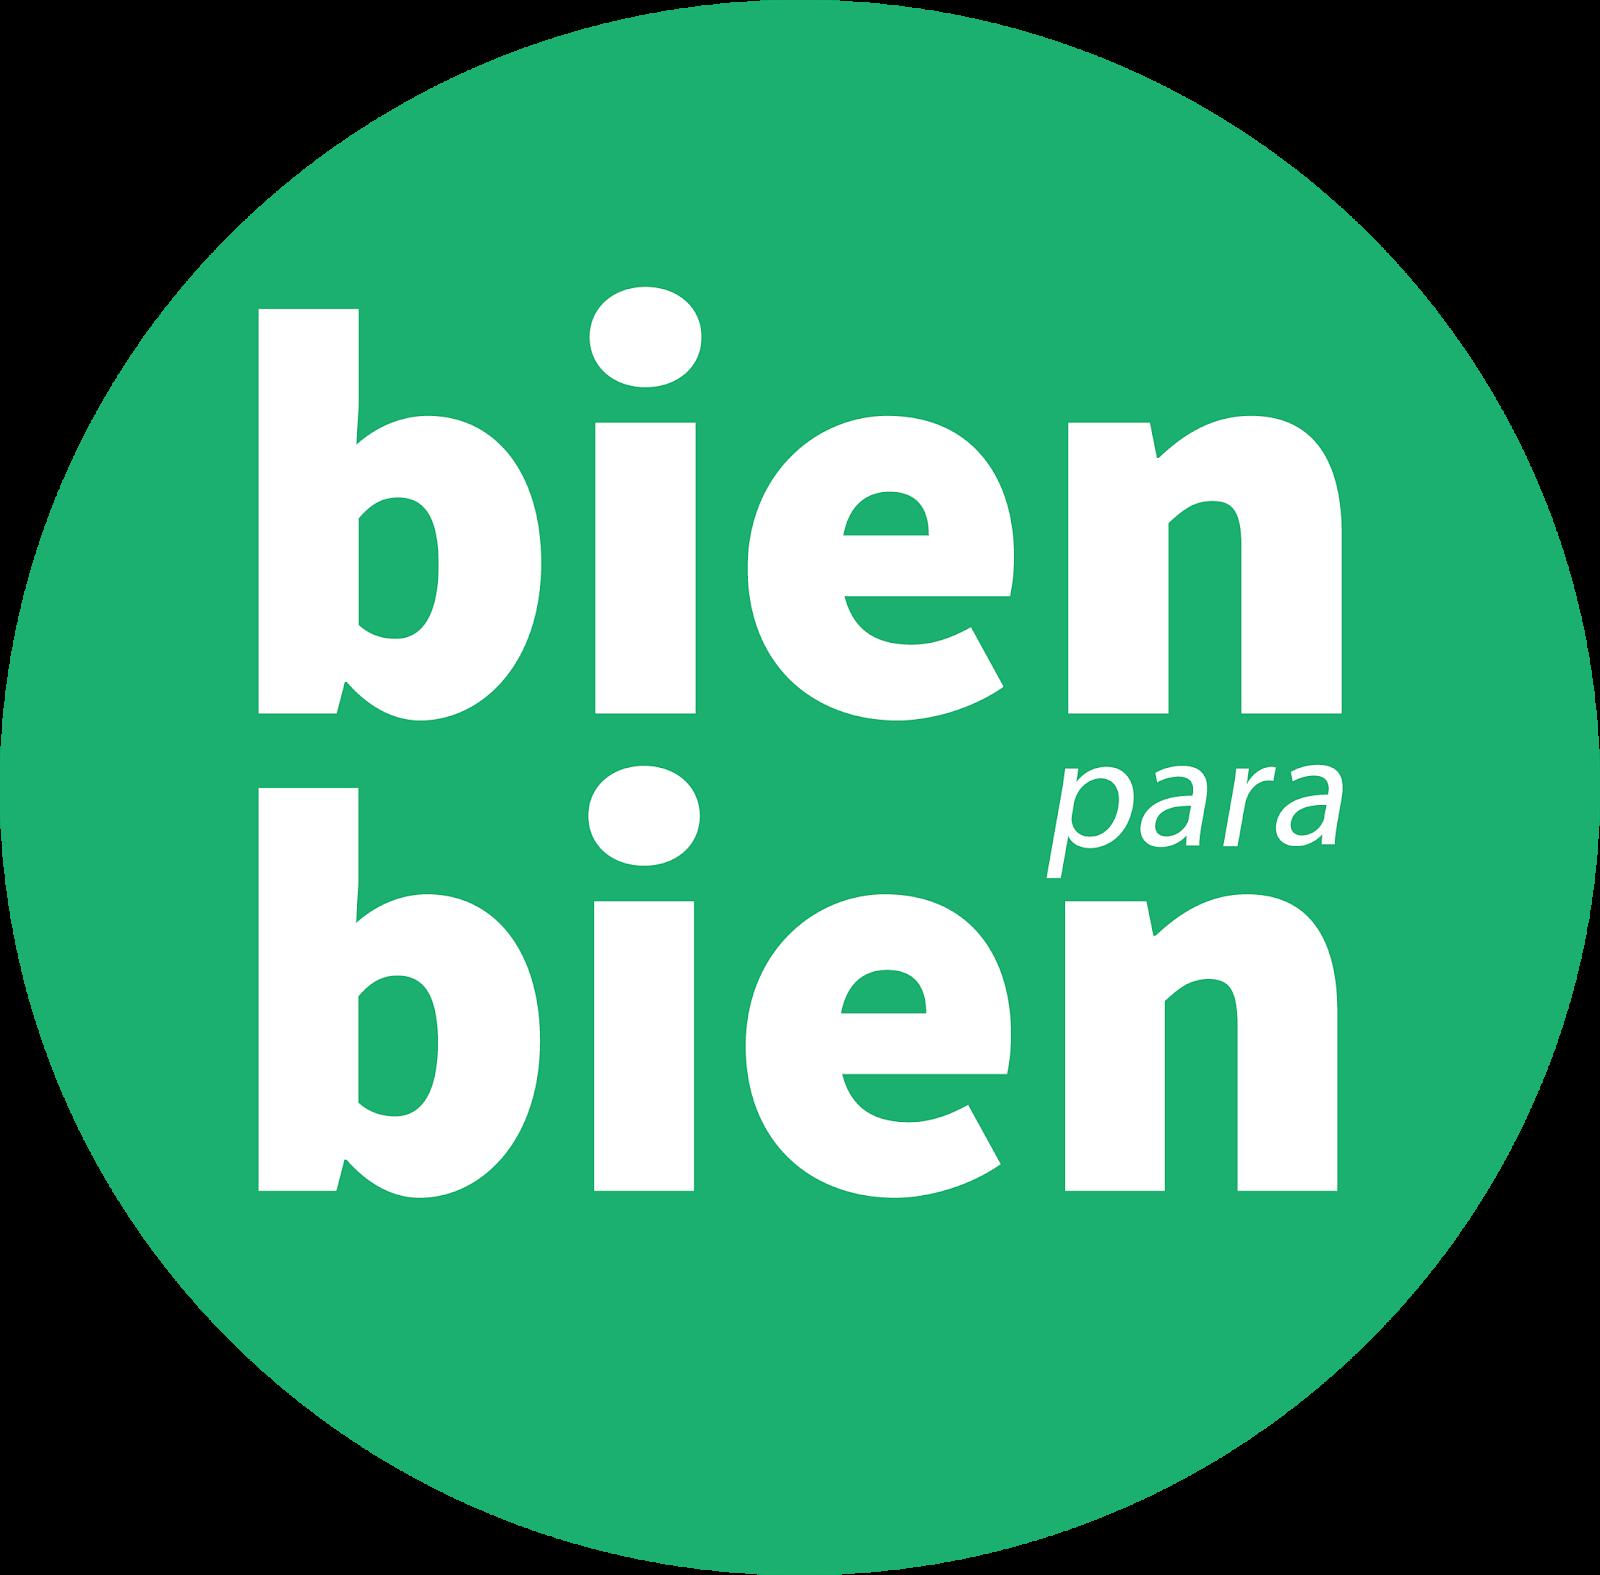 bienparabien.png